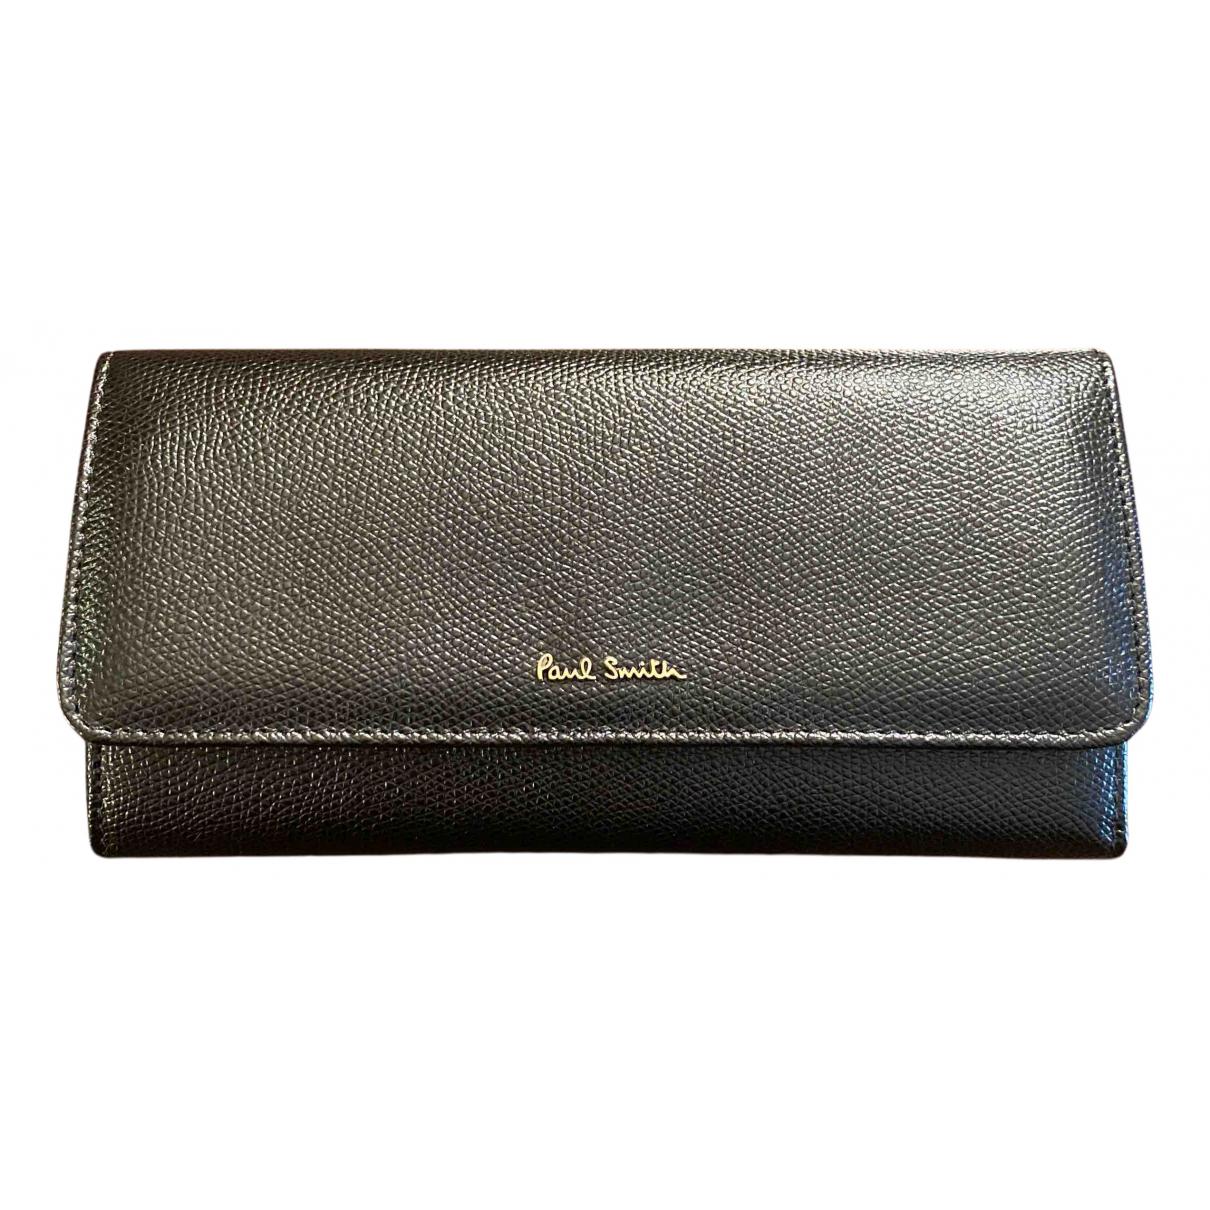 Paul Smith - Portefeuille   pour femme en cuir - noir